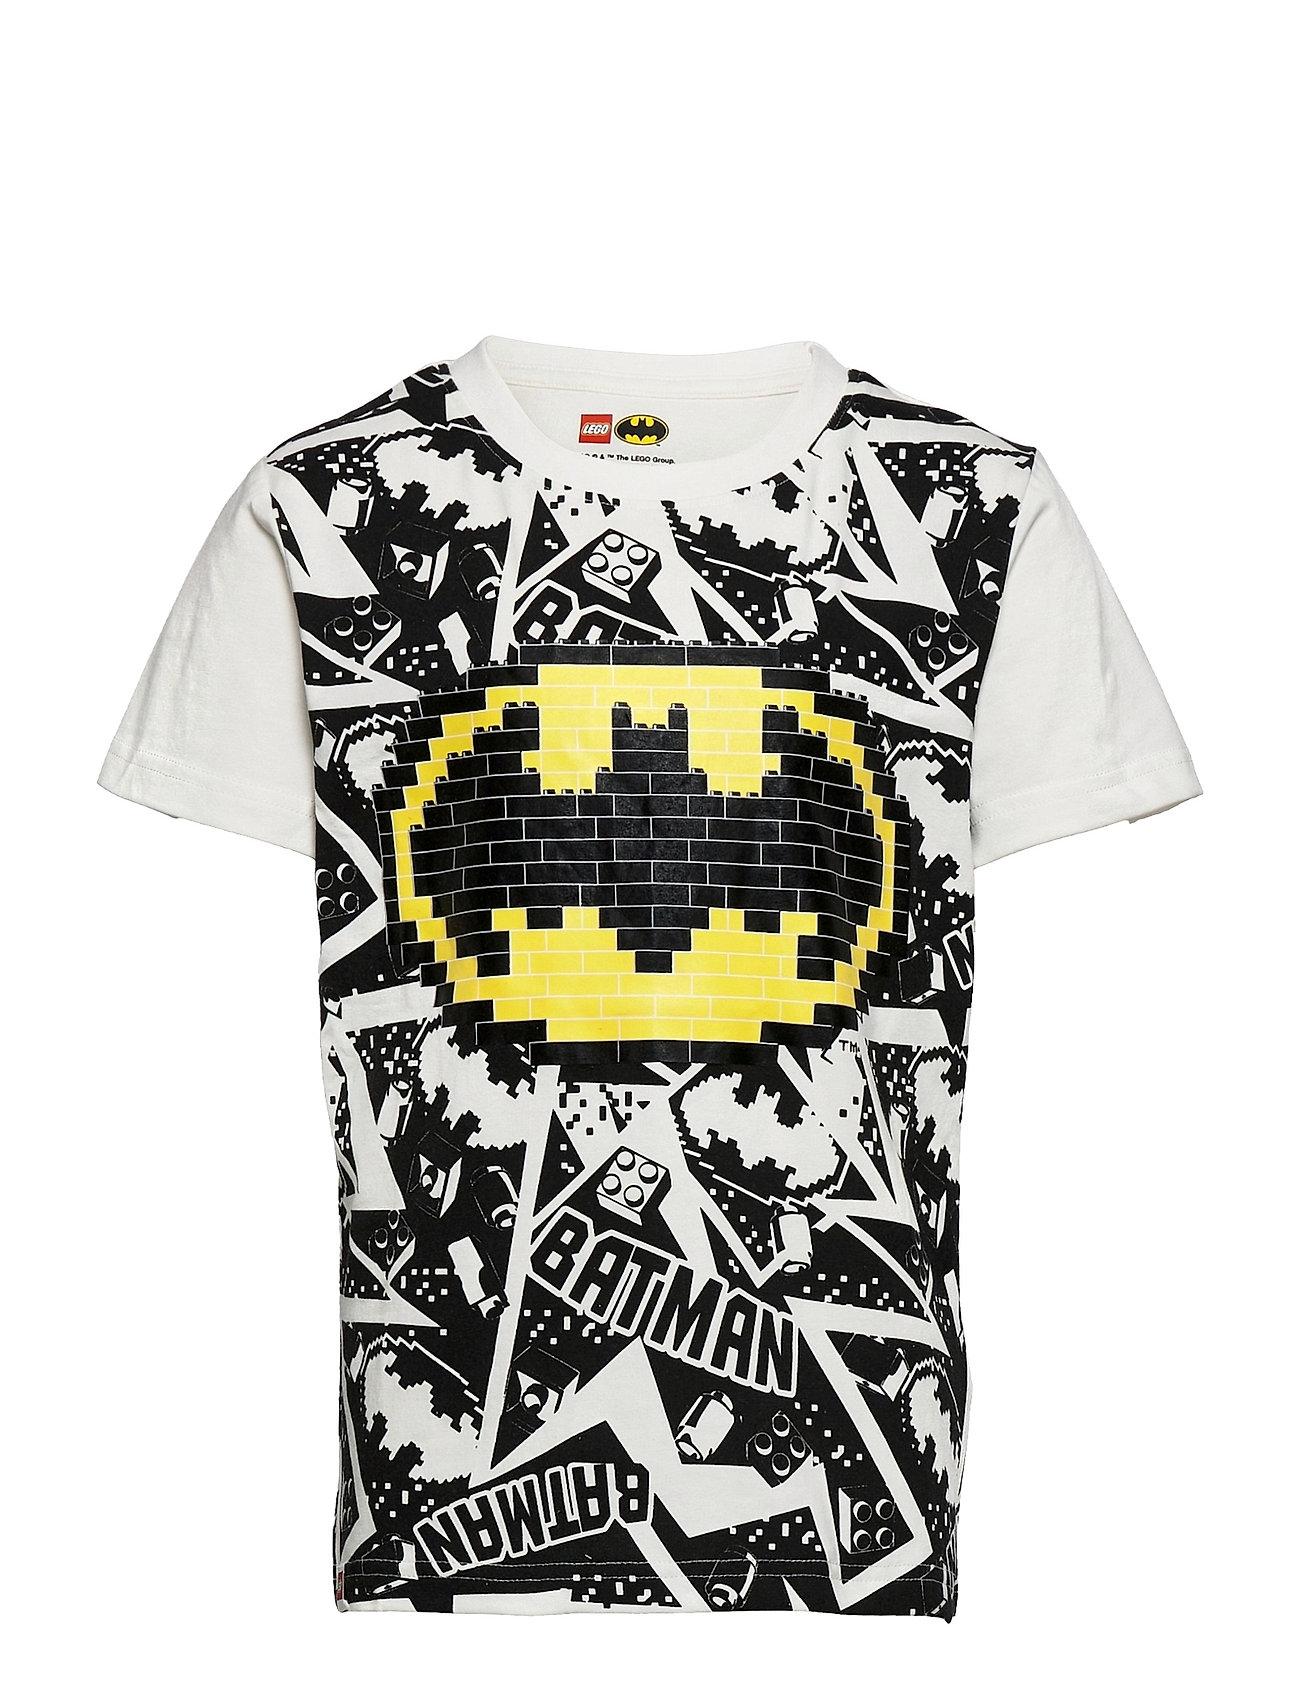 M12010191 - T-Shirt Ss T-shirt Hvid Lego Wear